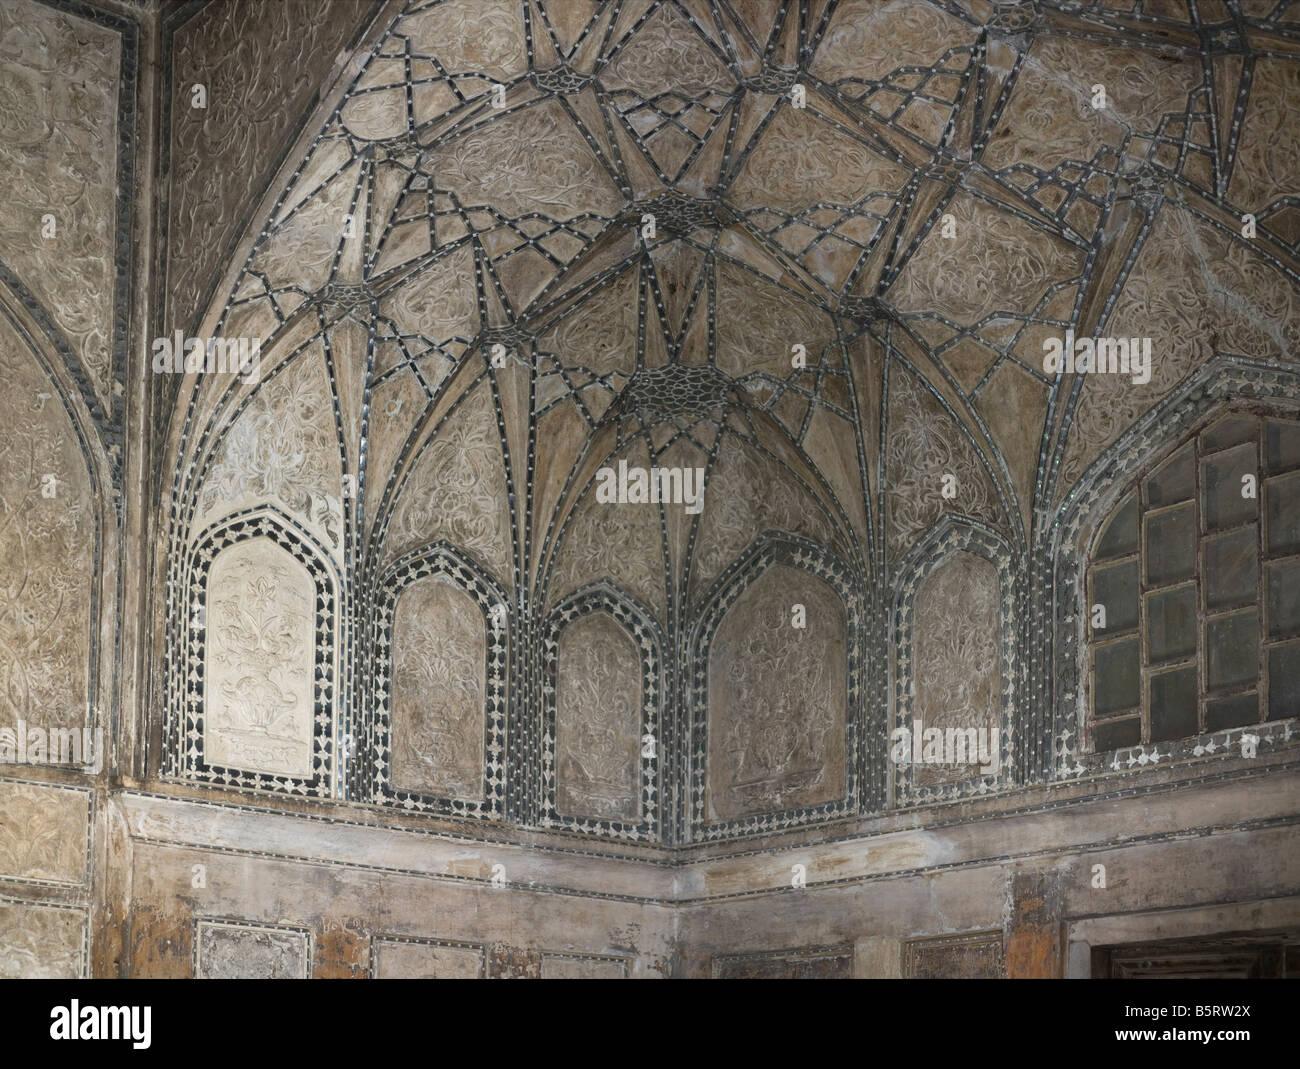 Rang Mahal Red Fort Delhi India interior built by Shah Jahan 1639-48 - Stock Image